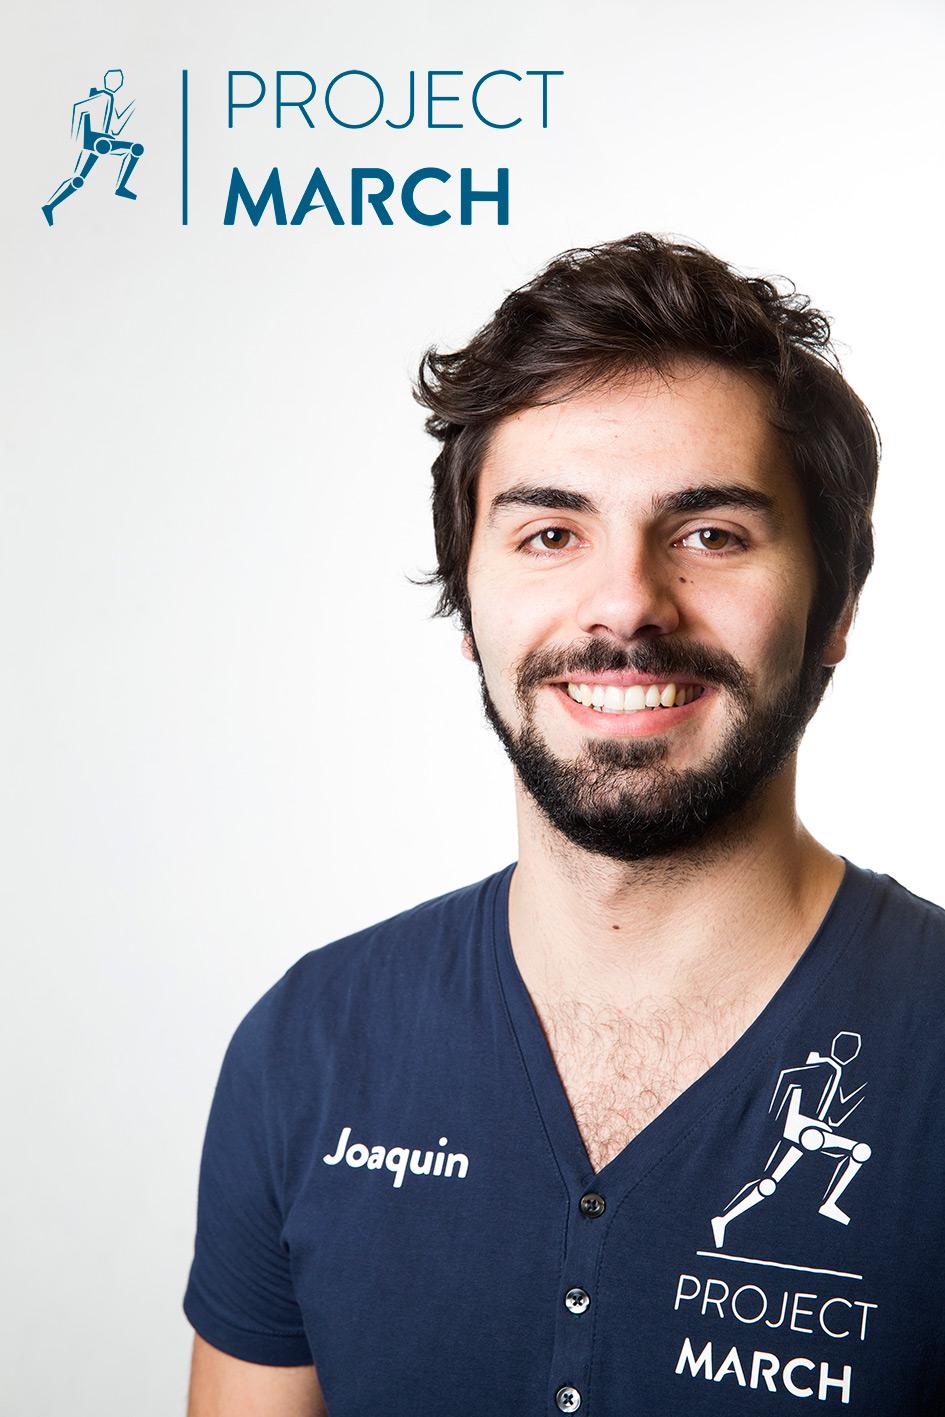 Joaquín Peñalver  Control Engineer